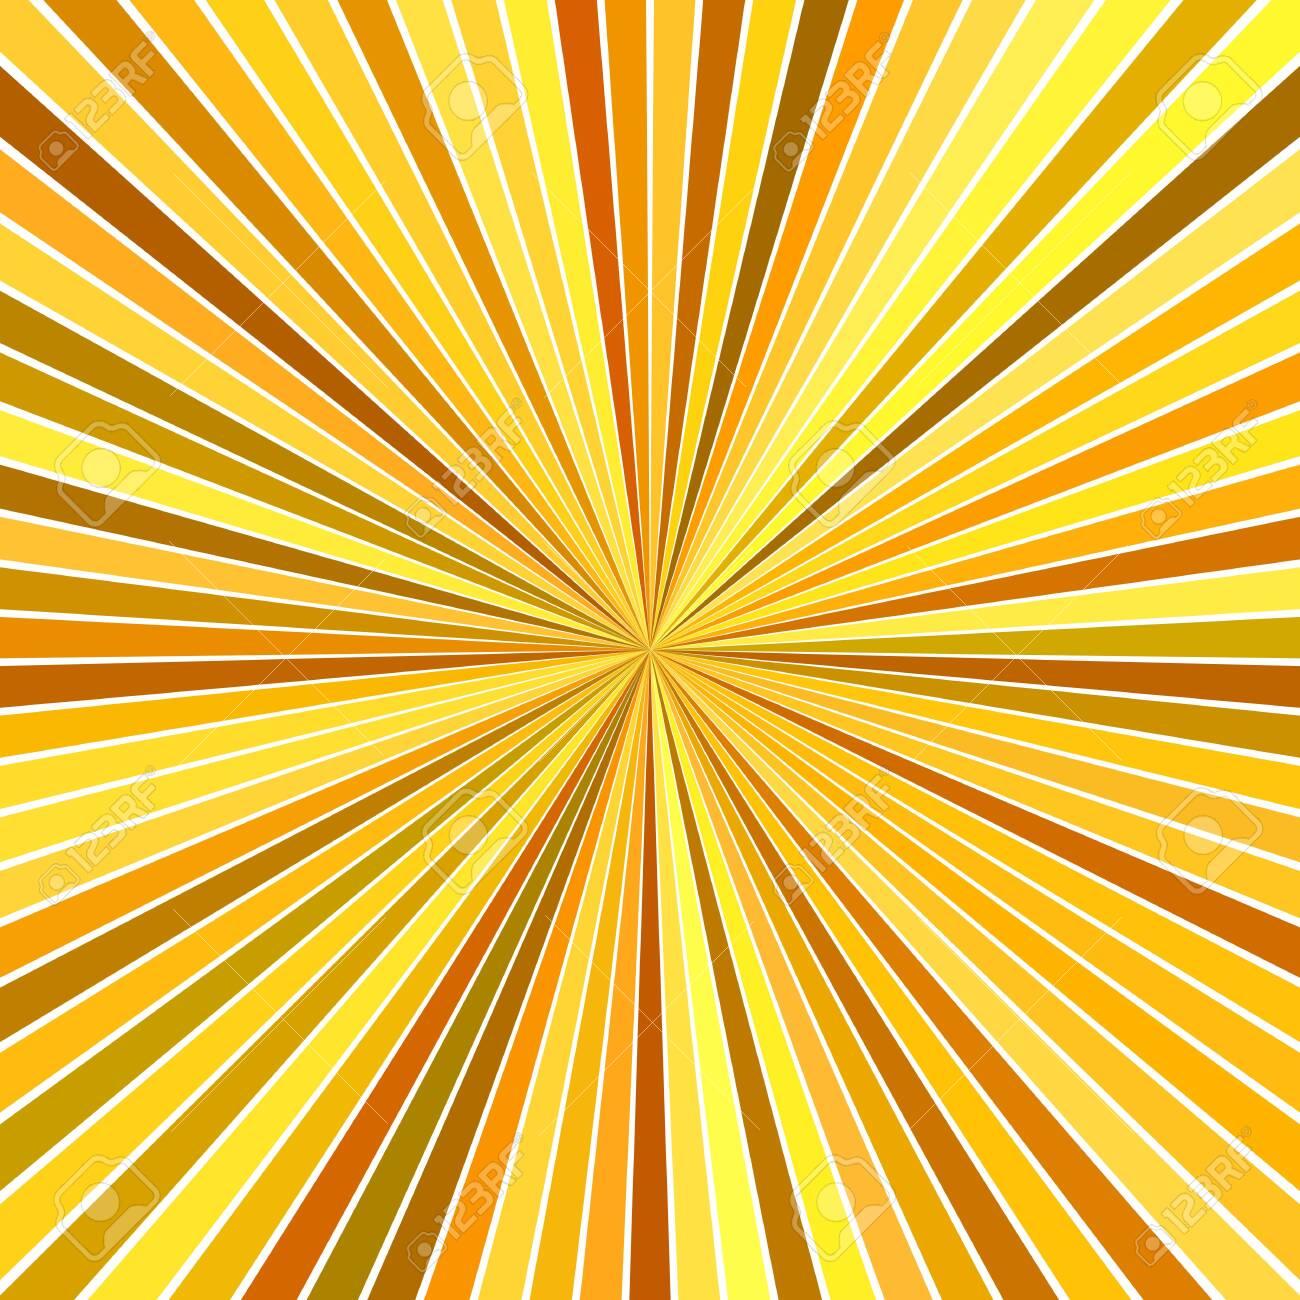 Orange abstract hypnotic speed concept background - vector starburst design - 122950059